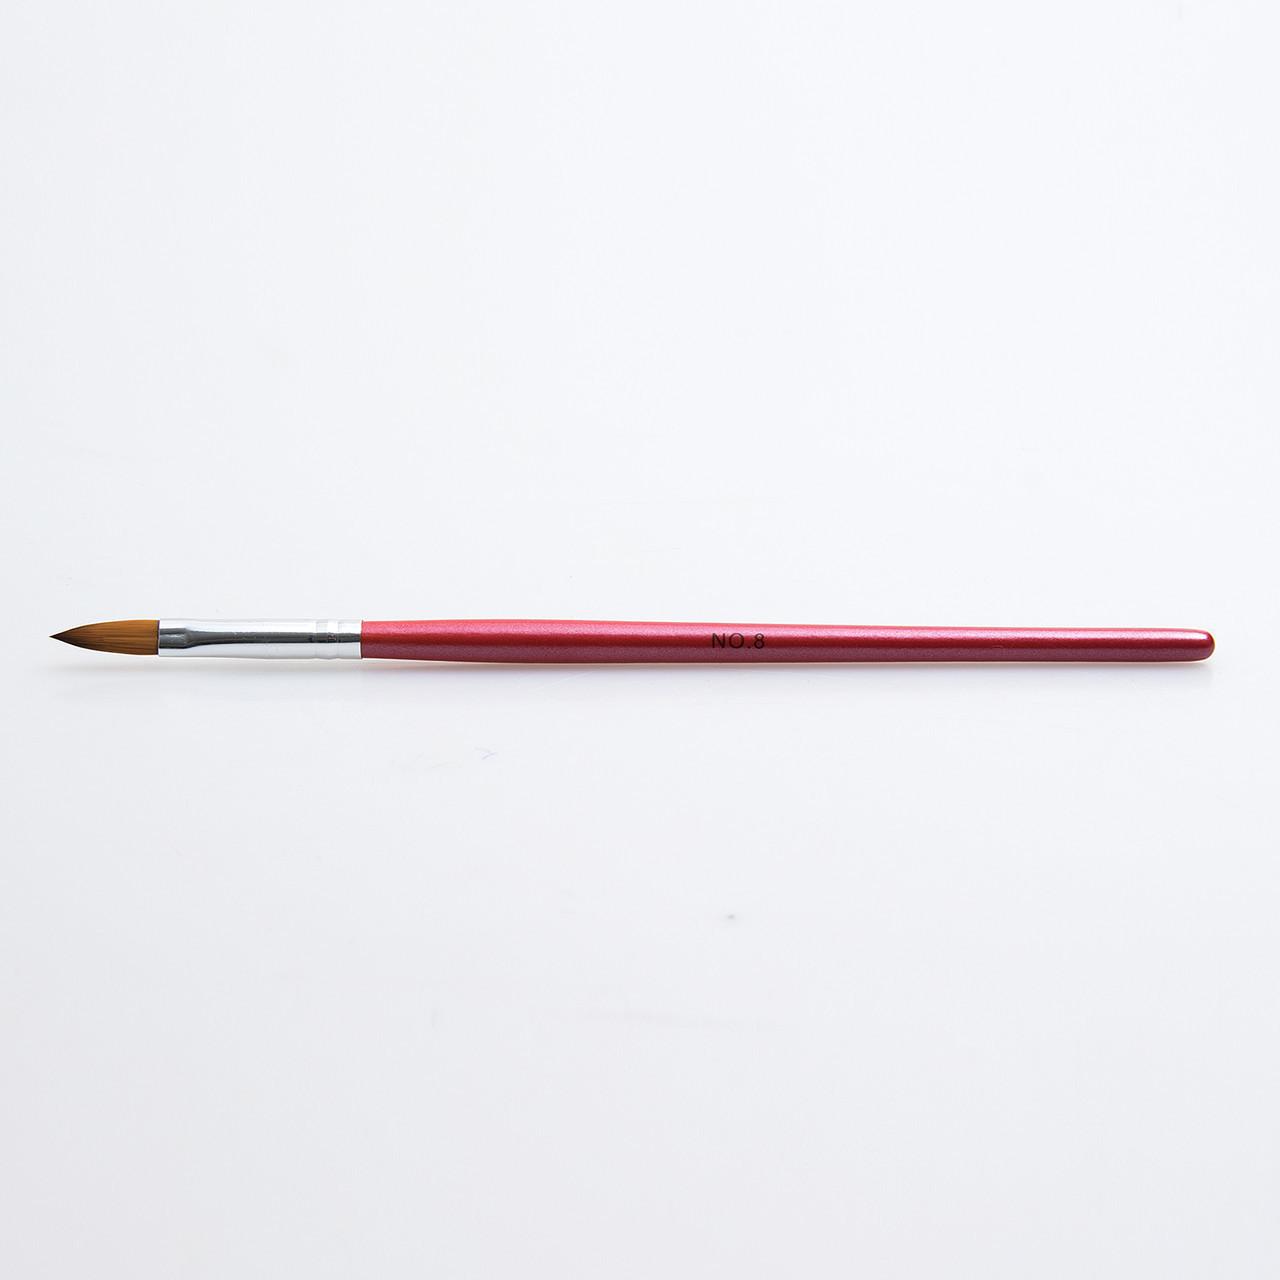 Кисть для акрила №8, красная ручка